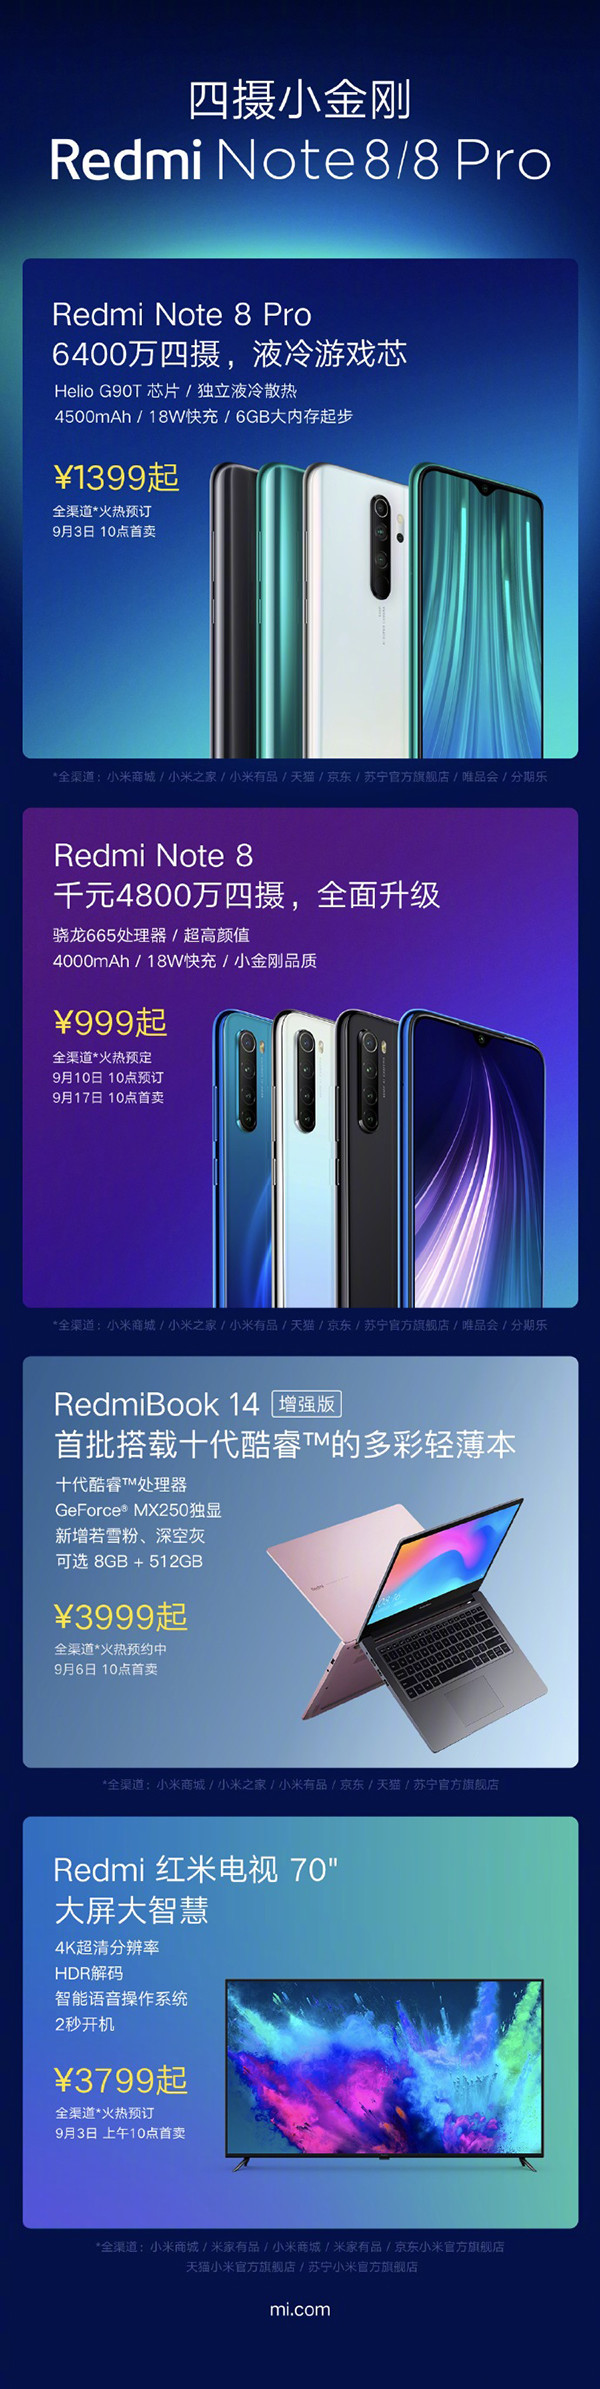 红米Note 8系列发布会新品汇总 最低只要999元起